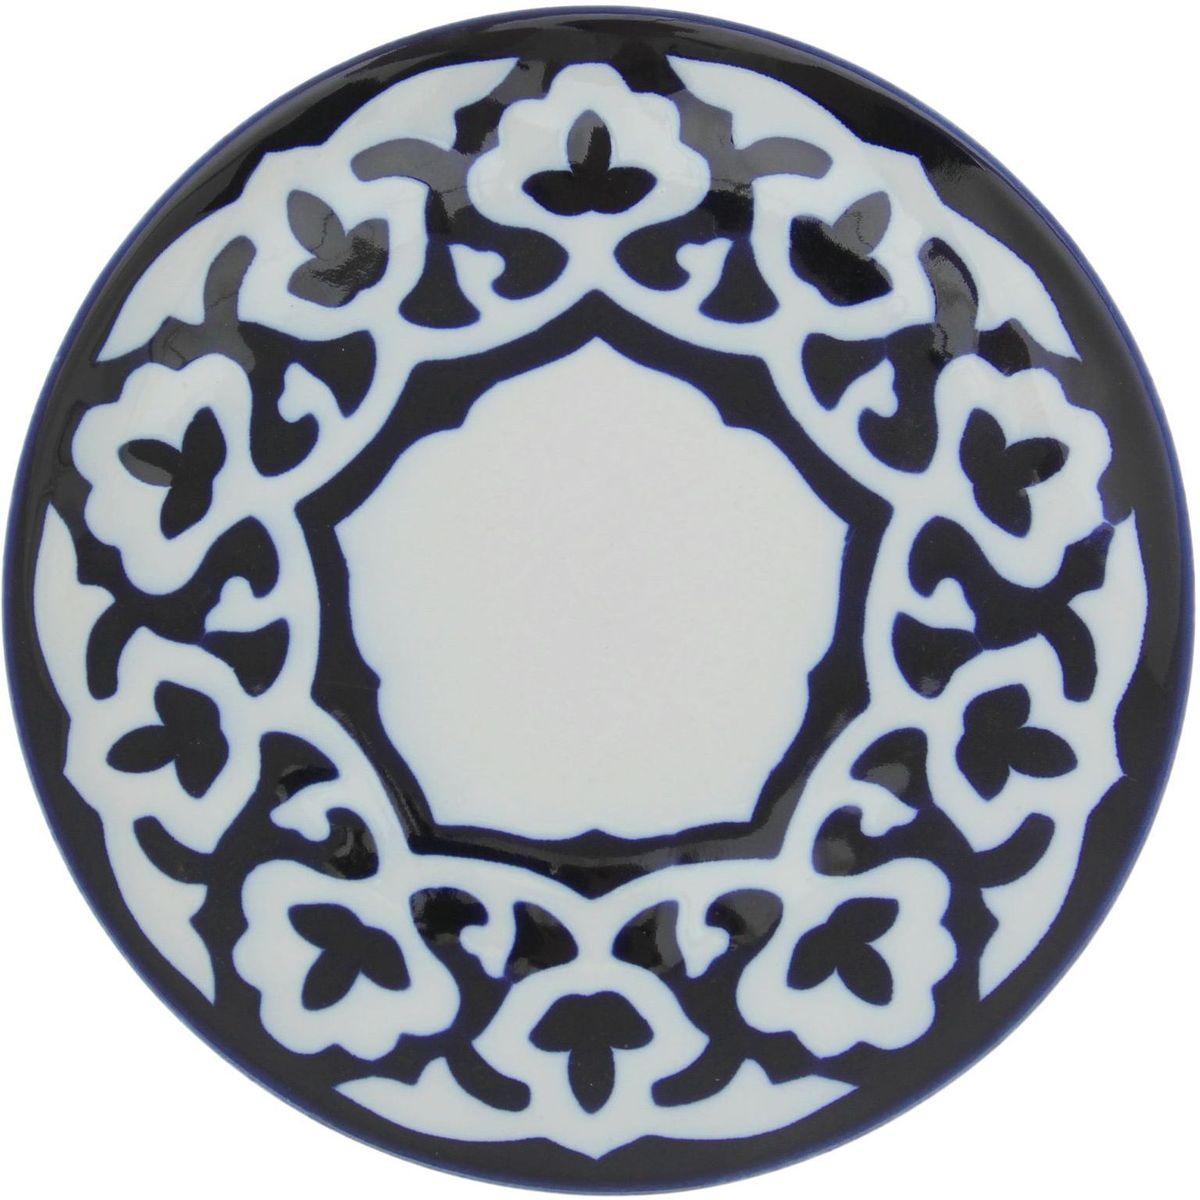 Тарелка Turon Porcelain Пахта, цвет: белый, синий, диаметр 19,5 см1386446Узбекская посуда известна всему миру уже более тысячи лет. Ей любовались царские особы, на ней подавали еду для шейхов и знатных персон. Формулы красок и глазури передаются из поколения в поколение. По сей день качественные расписные изделия продолжают восхищать совершенством и завораживающей красотой. Тарелка Turon Porcelain Пахта подойдет для повседневной и праздничной сервировки. Дополните стол текстилем и салфетками в тон, чтобы получить элегантное убранство с яркими акцентами. Национальная узбекская роспись Пахта сдержанна и благородна. Витиеватые узоры выводятся тонкой кистью, а фон заливается кобальтом. Синий краситель при обжиге слегка растекается и придает контуру изображений голубой оттенок. Густая глазурь наносится толстым слоем, благодаря чему рисунок мерцает.